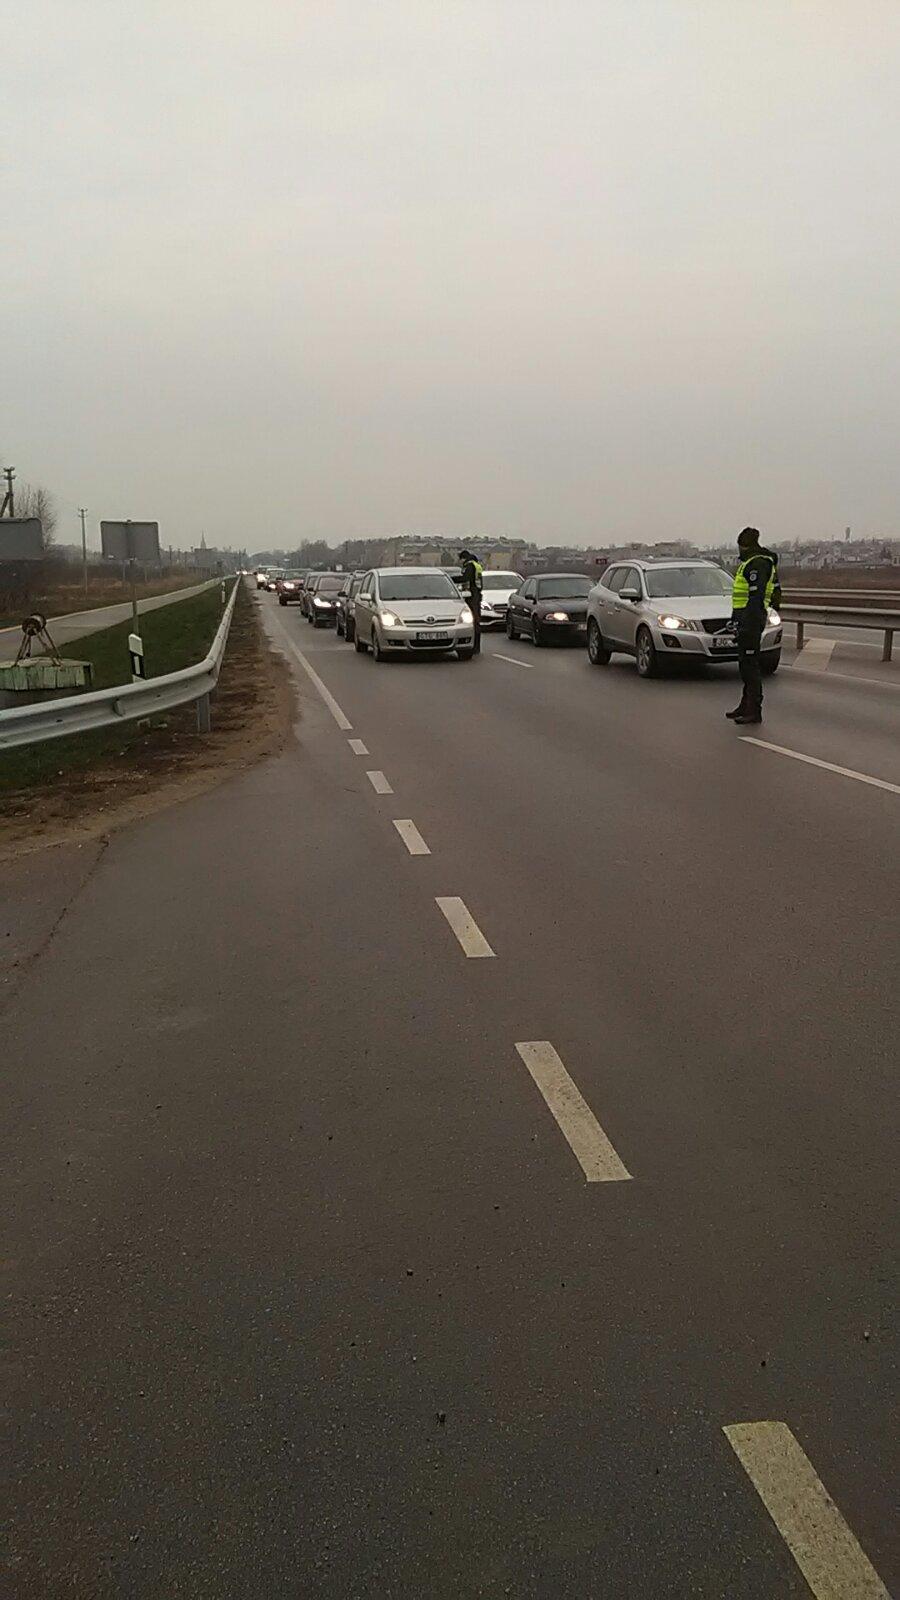 Tikrinant vairuotojų blaivumą Palangoje – 12 neblaivių vairuotojų, nuotrauka-1